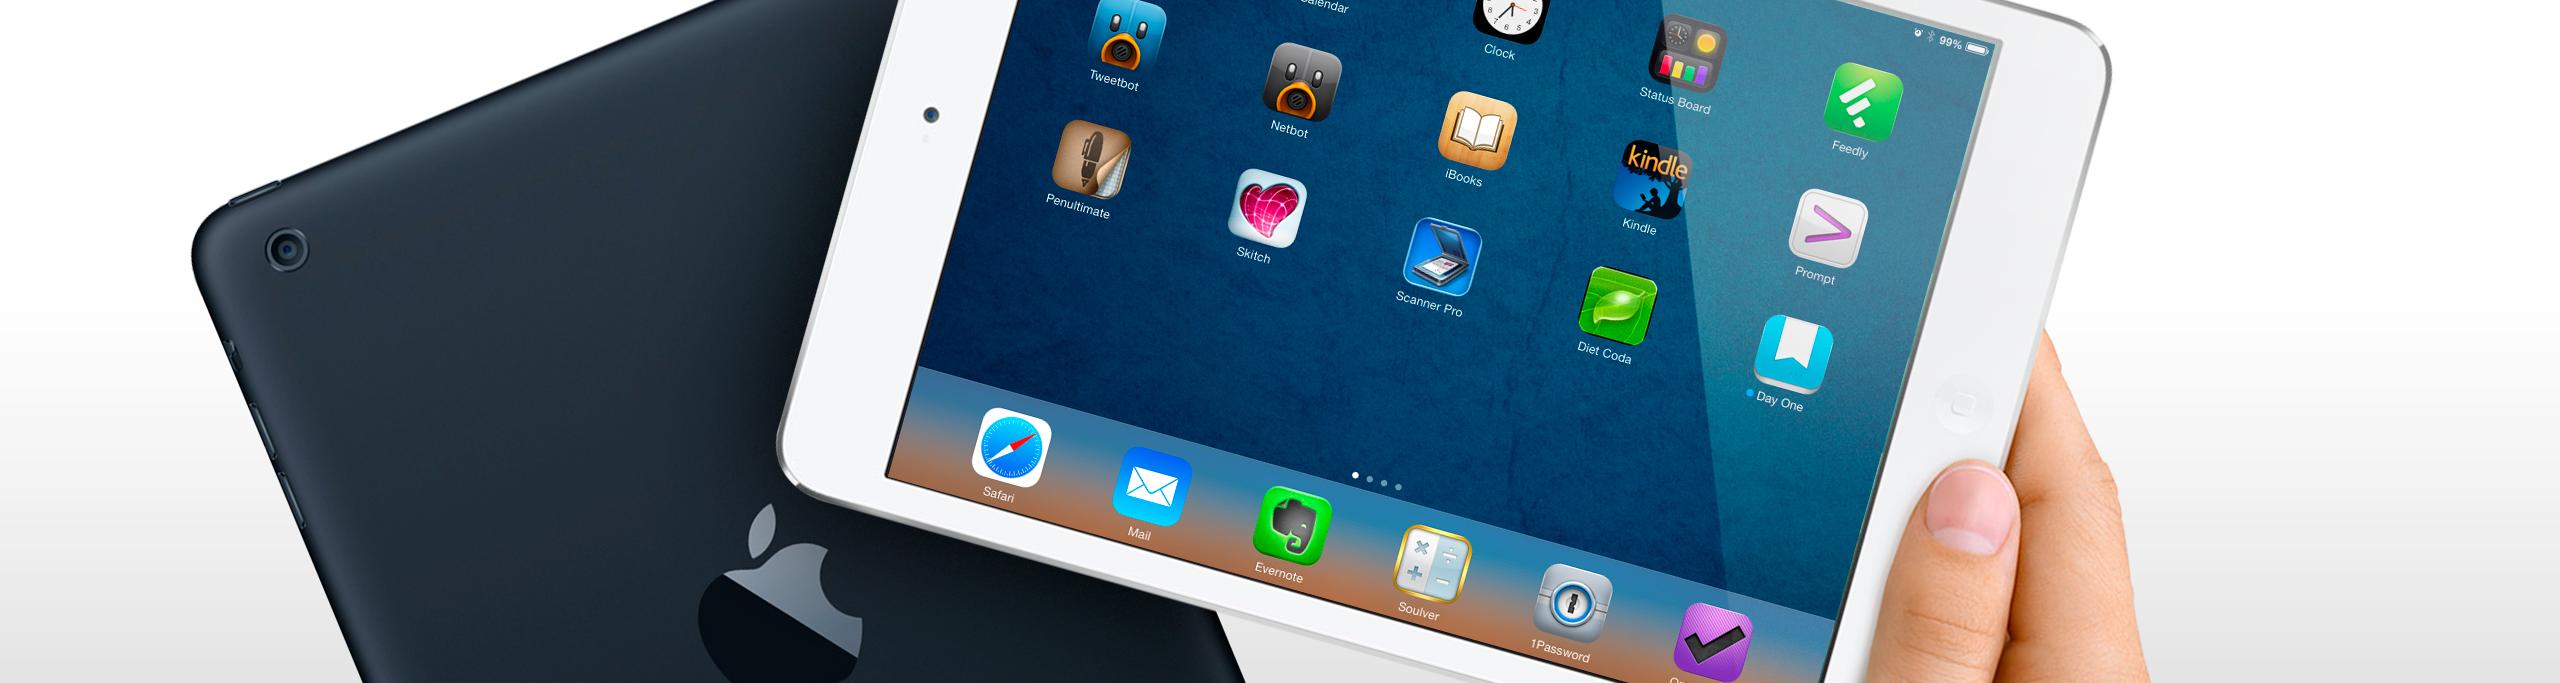 iPad Mini (A1432 / A1454 / A1455)